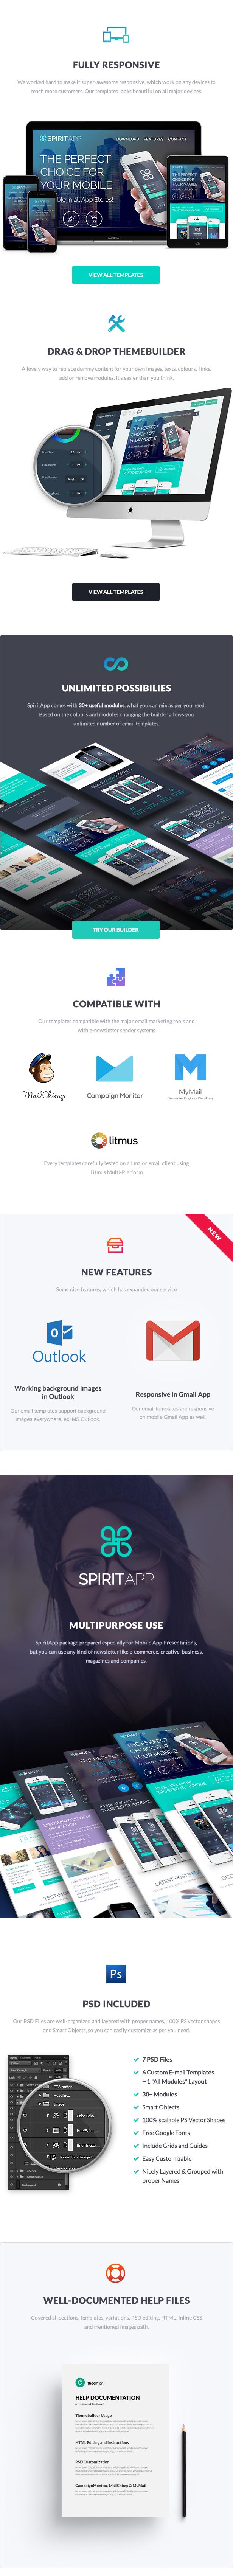 SpiritApp - Multipurpose Mobile App E-Newsletter + Builder Access - 1